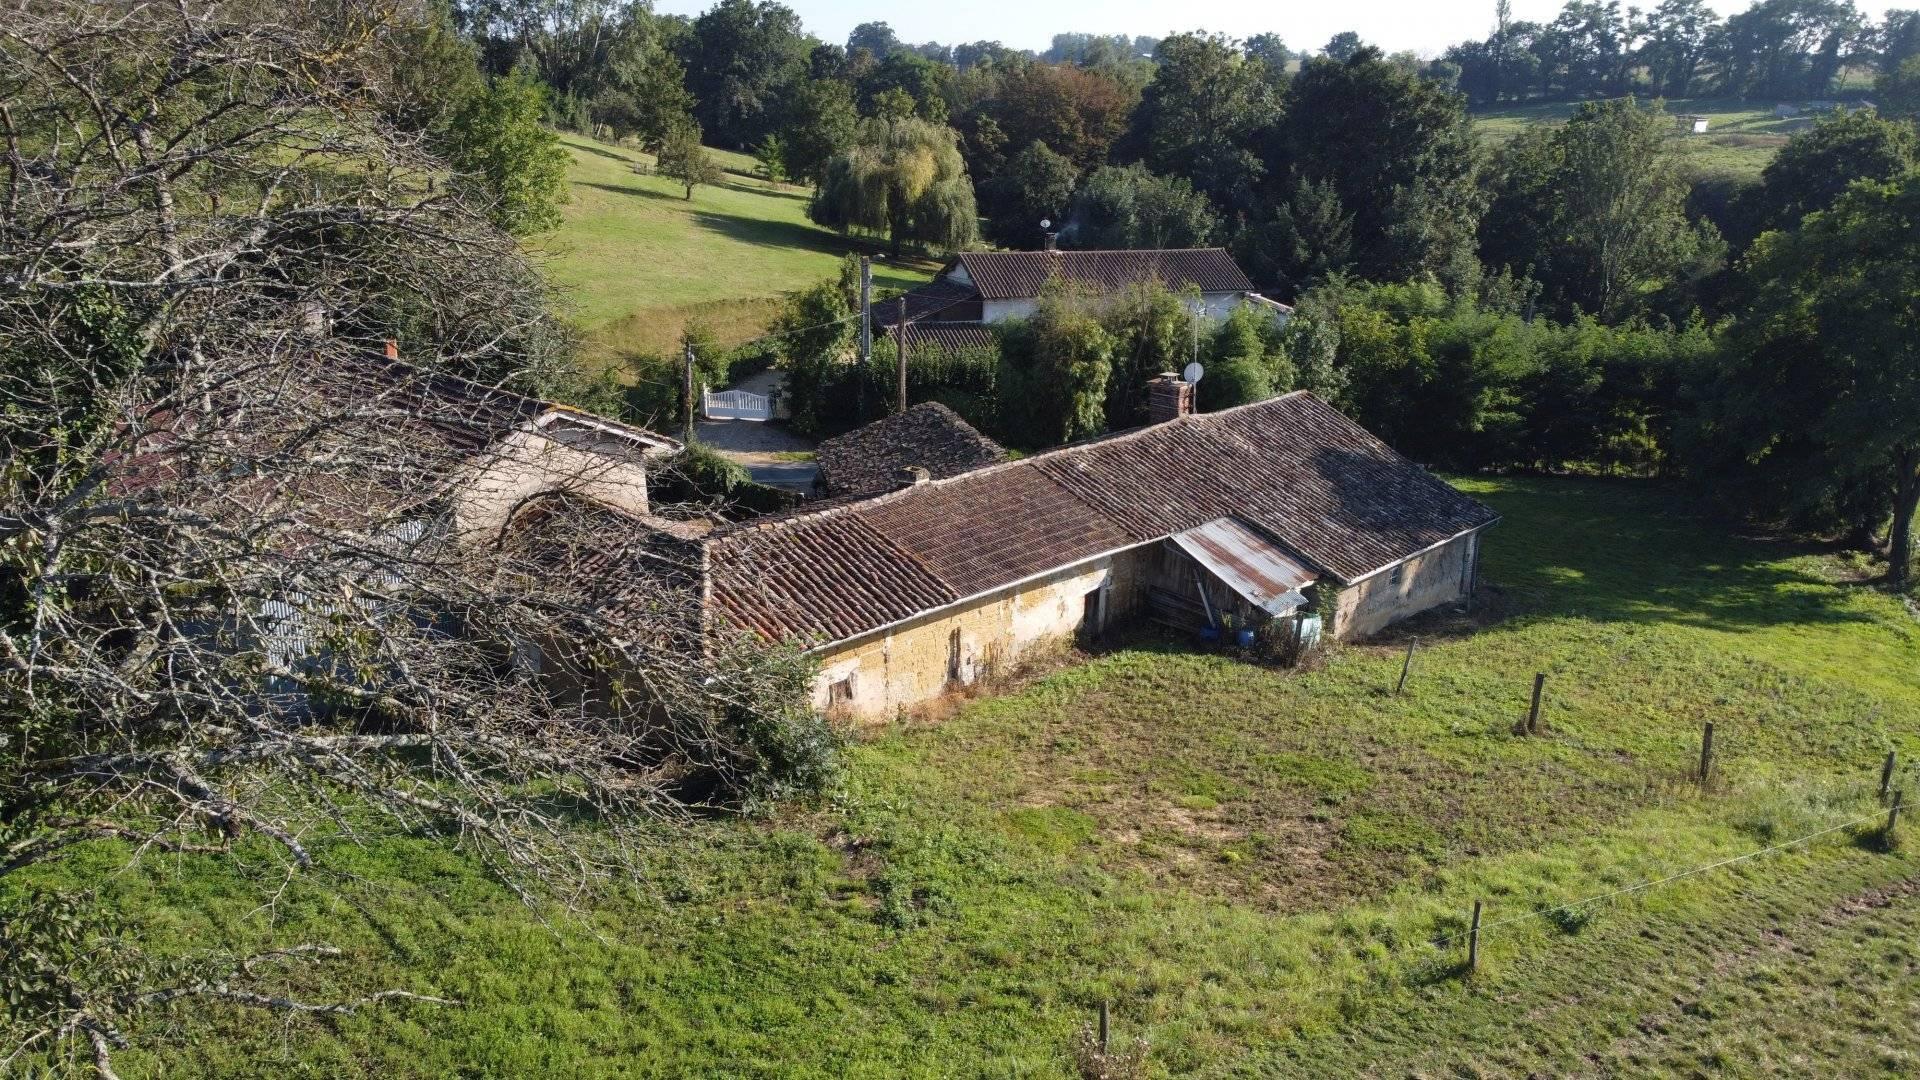 1 18 Peyzieux-sur-Saône